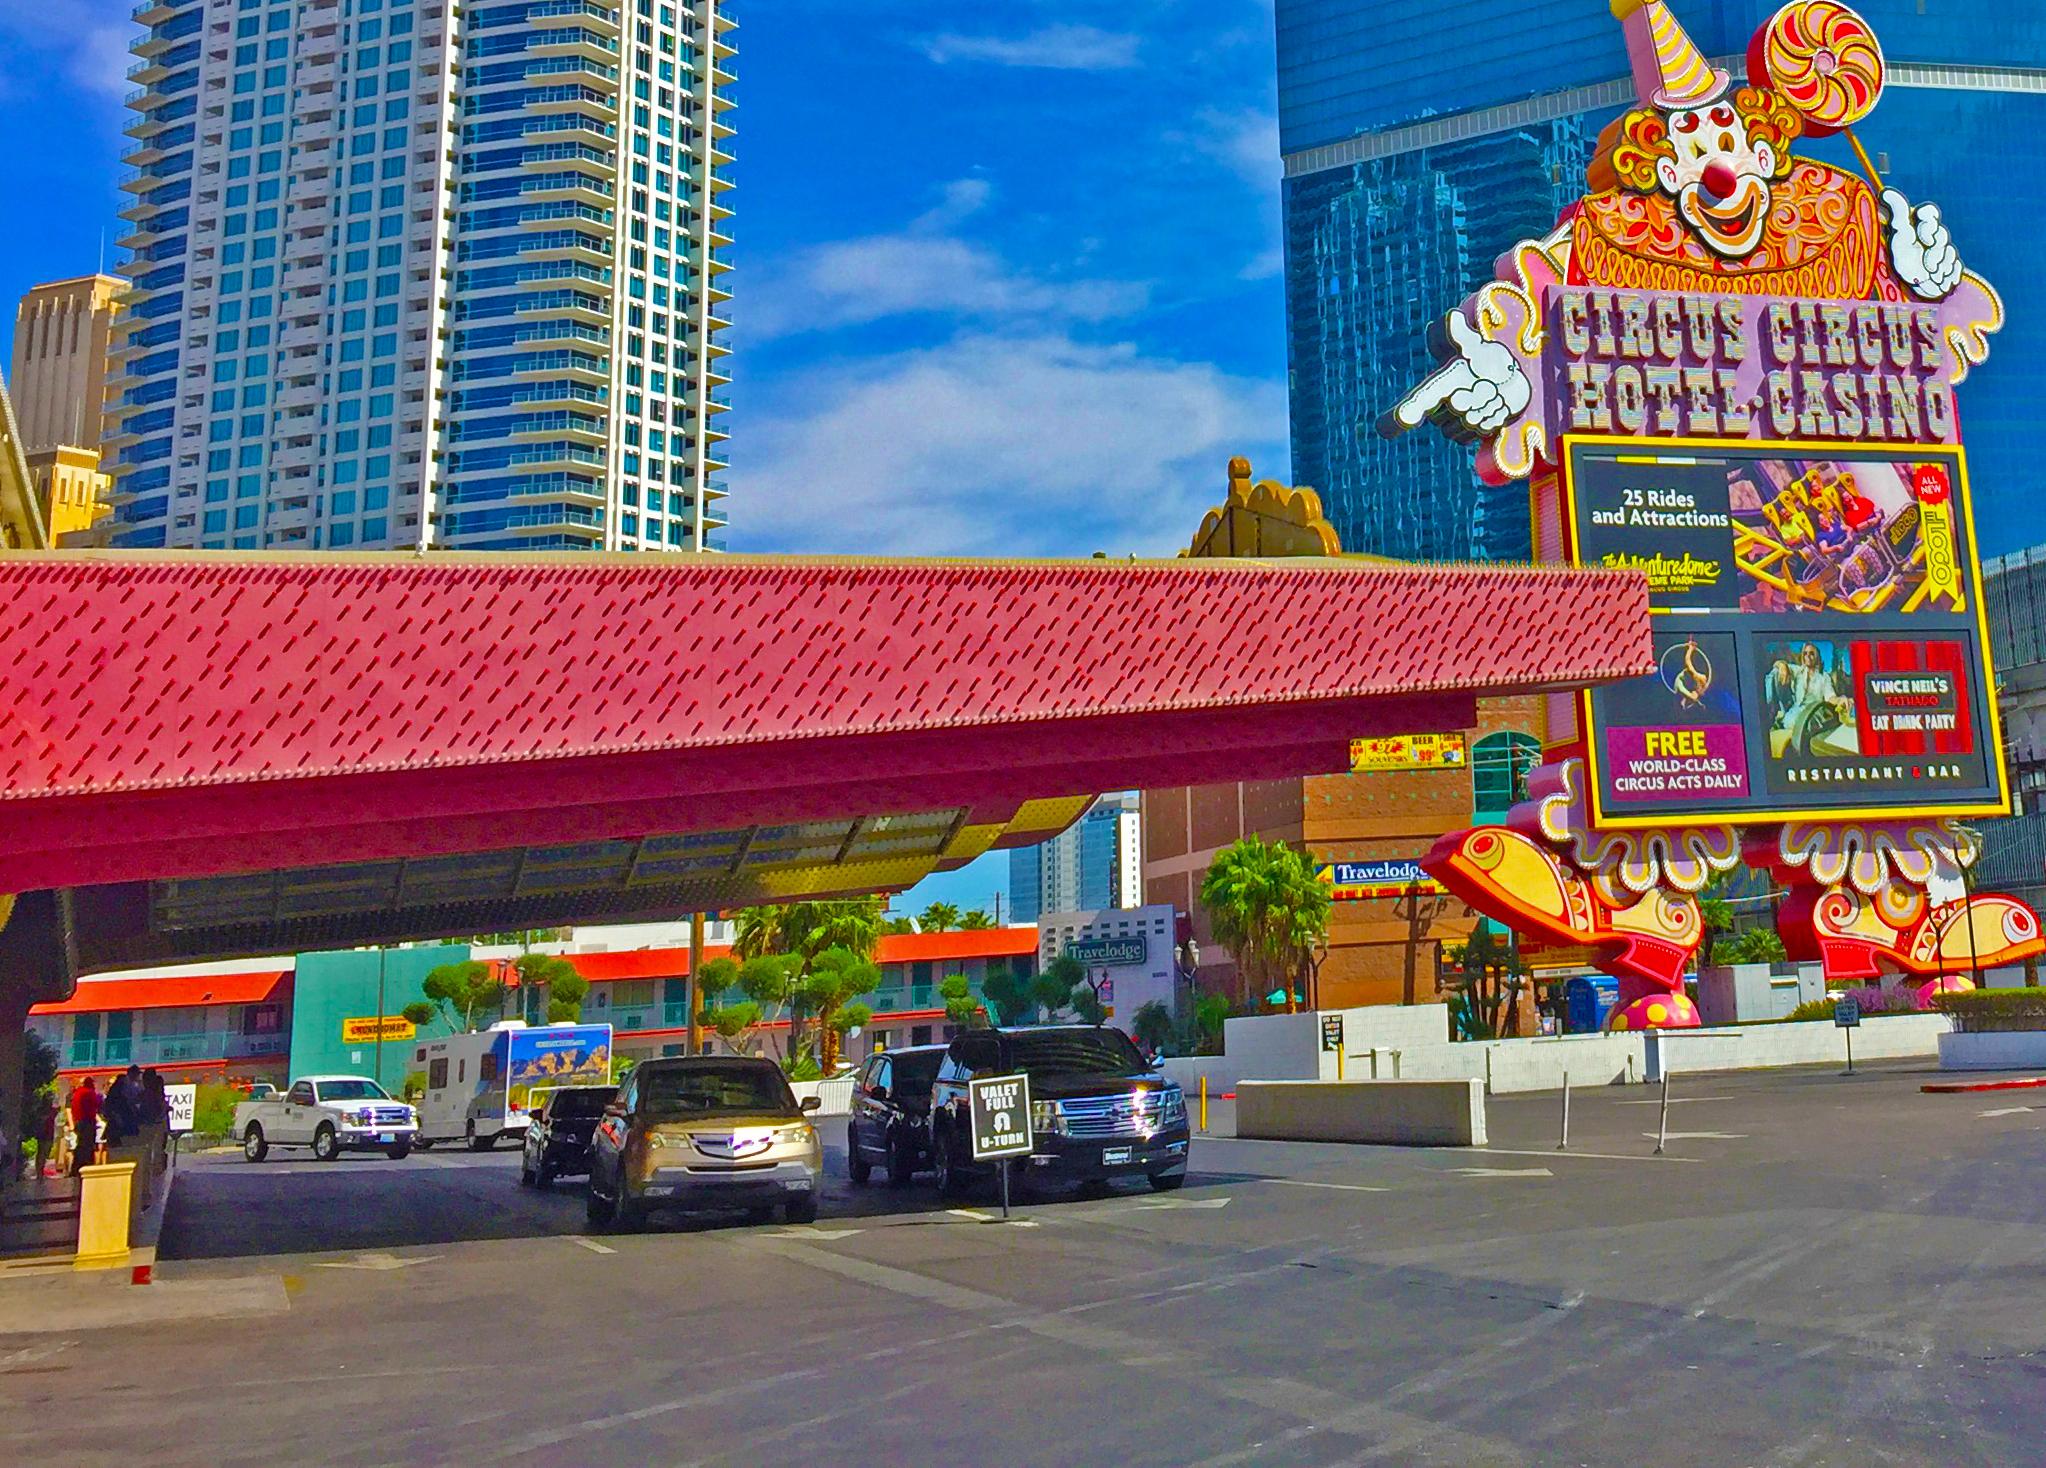 Circus Circus - Eröffnet: 1968Casino-Grösse: 11'513m²Resort-Fee: 32 US-DollarZimmeranzahl: 3'770 Zimmer, 122 SuitenEin kunterbuntes Hotel, das sichtlich in die Jahre gekommen ist. Jedoch bietet das Resort dennoch einiges: Eine gratis Zirkus-Shows von 11.00 Uhr bis 24.00 Uhr, grosse Spielhalle mit zahlreichen Spielen für Kinder und einen grossen Themenpark mit 25 Attraktionen (der im Oktober stets in ein sehr beliebtes und gruseliges Halloween-Theme umgewandelt wird).